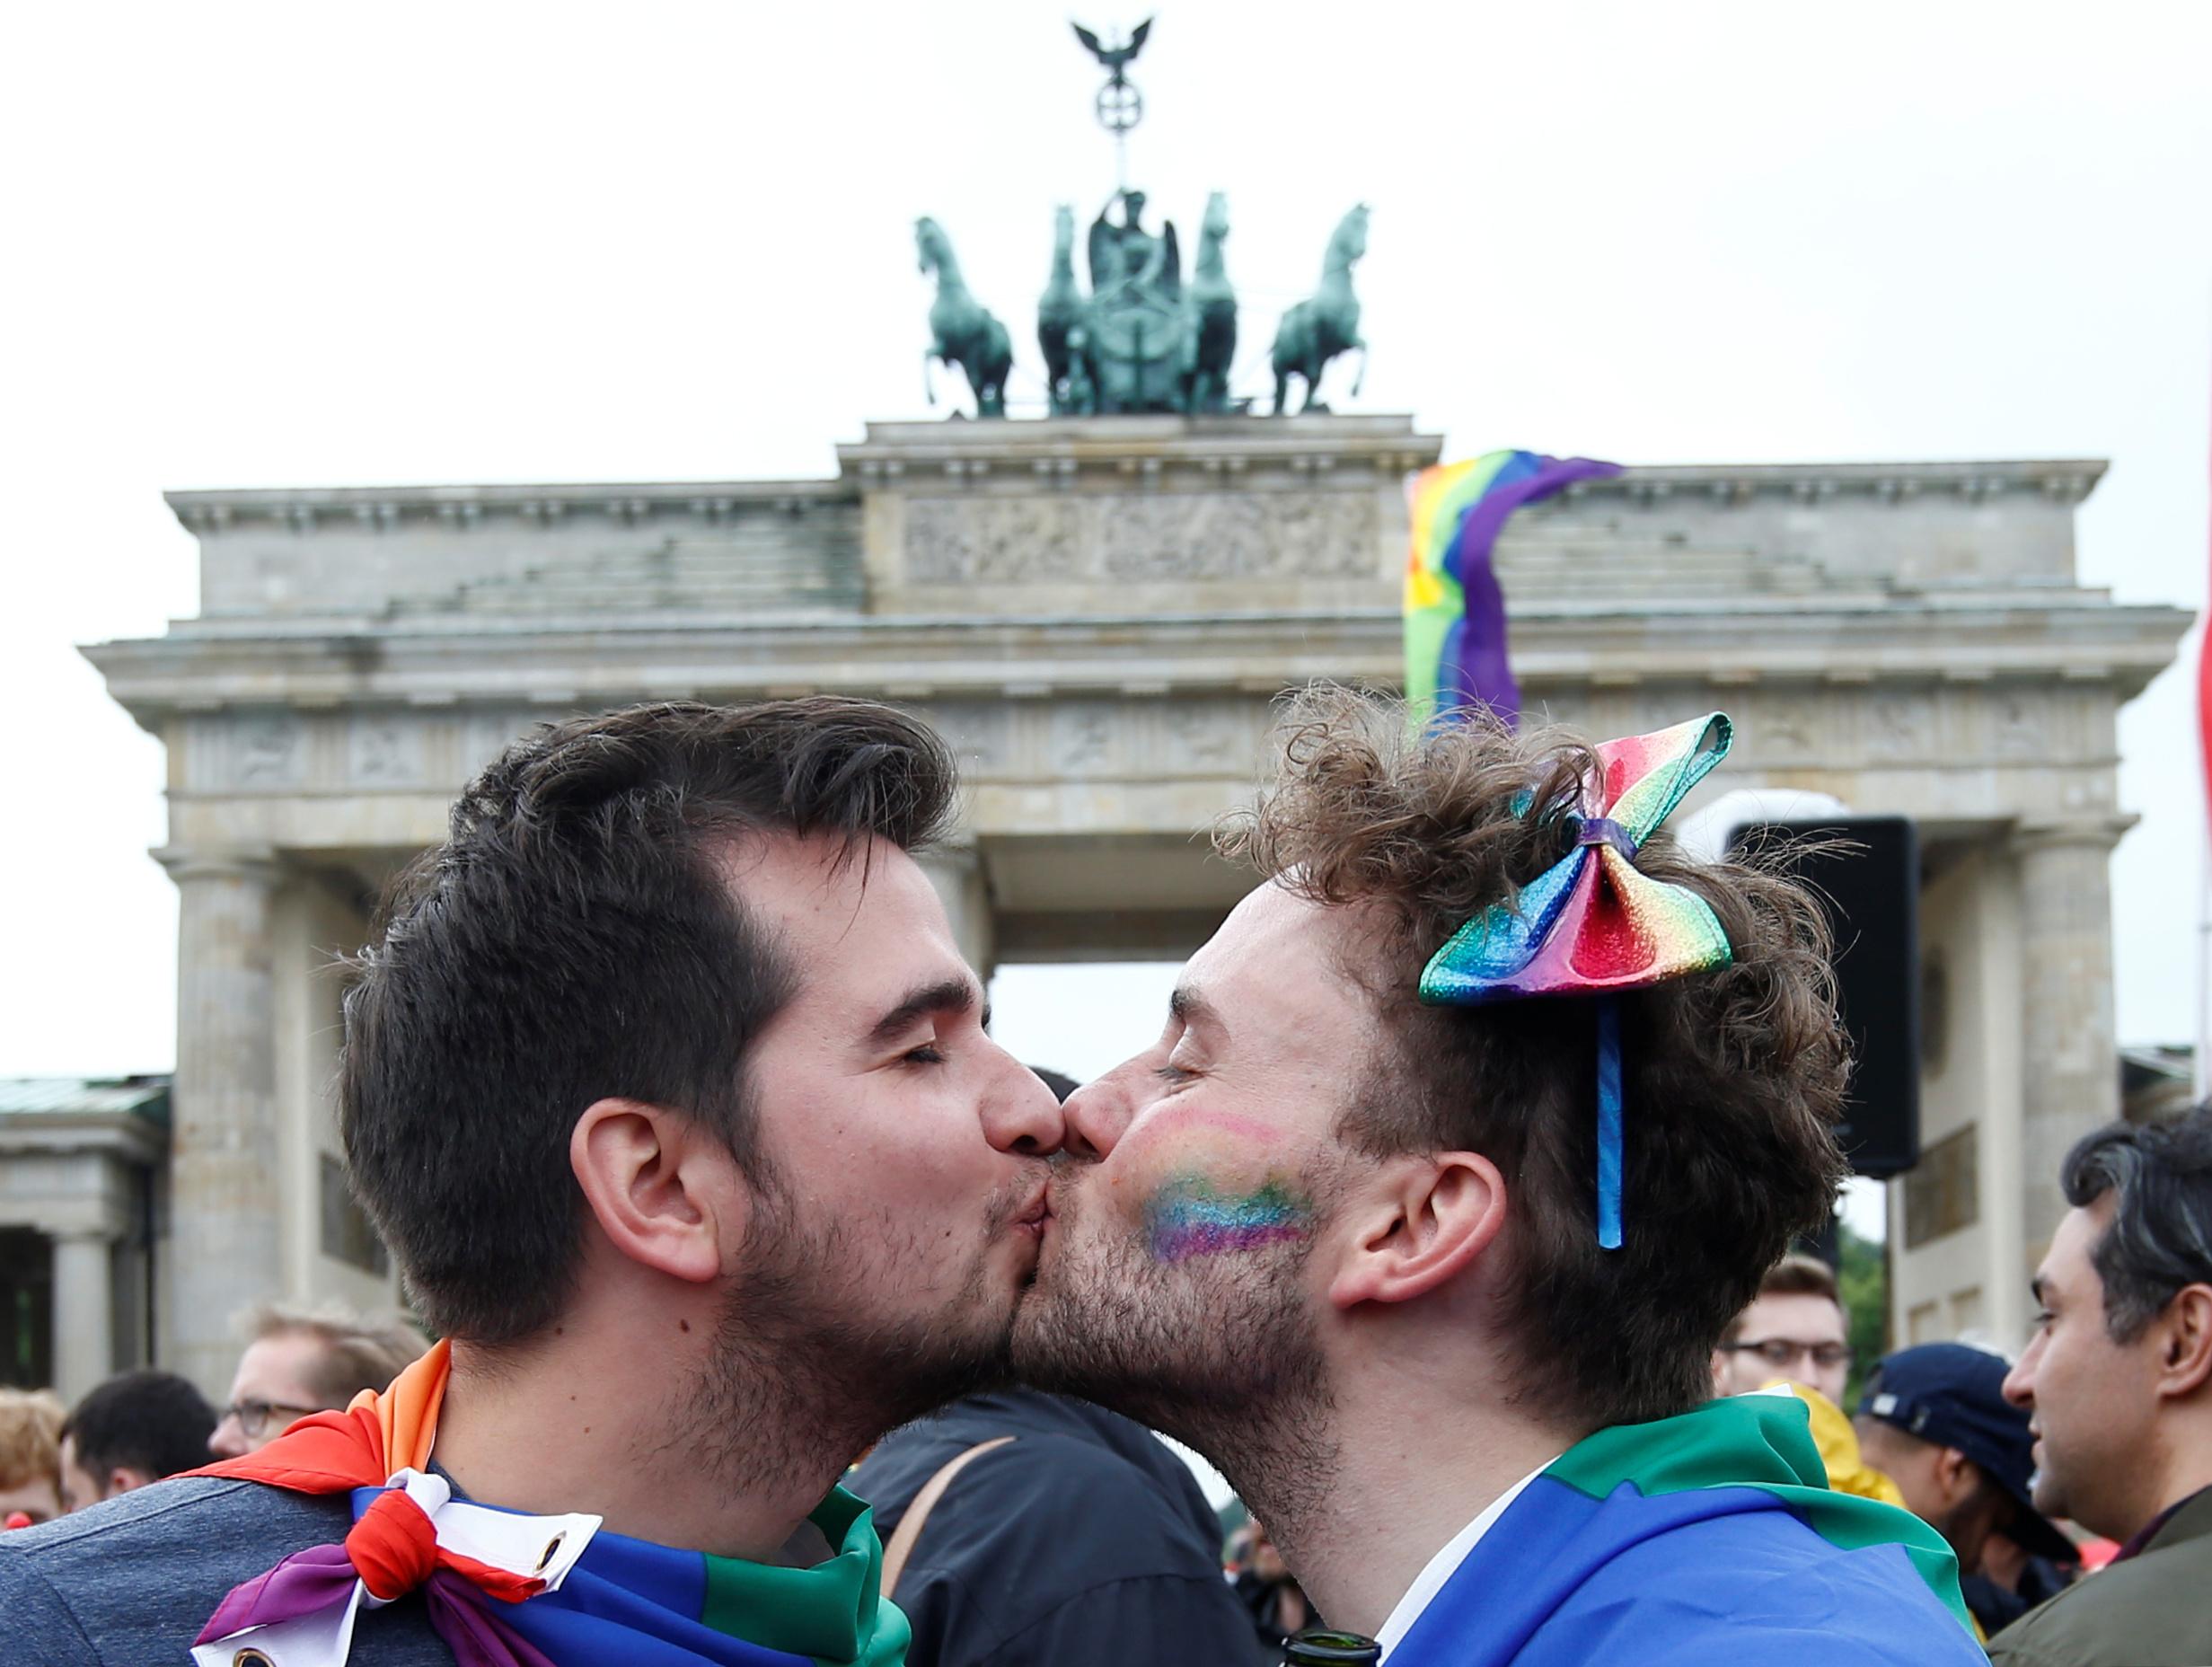 German, jew, muslim, gay